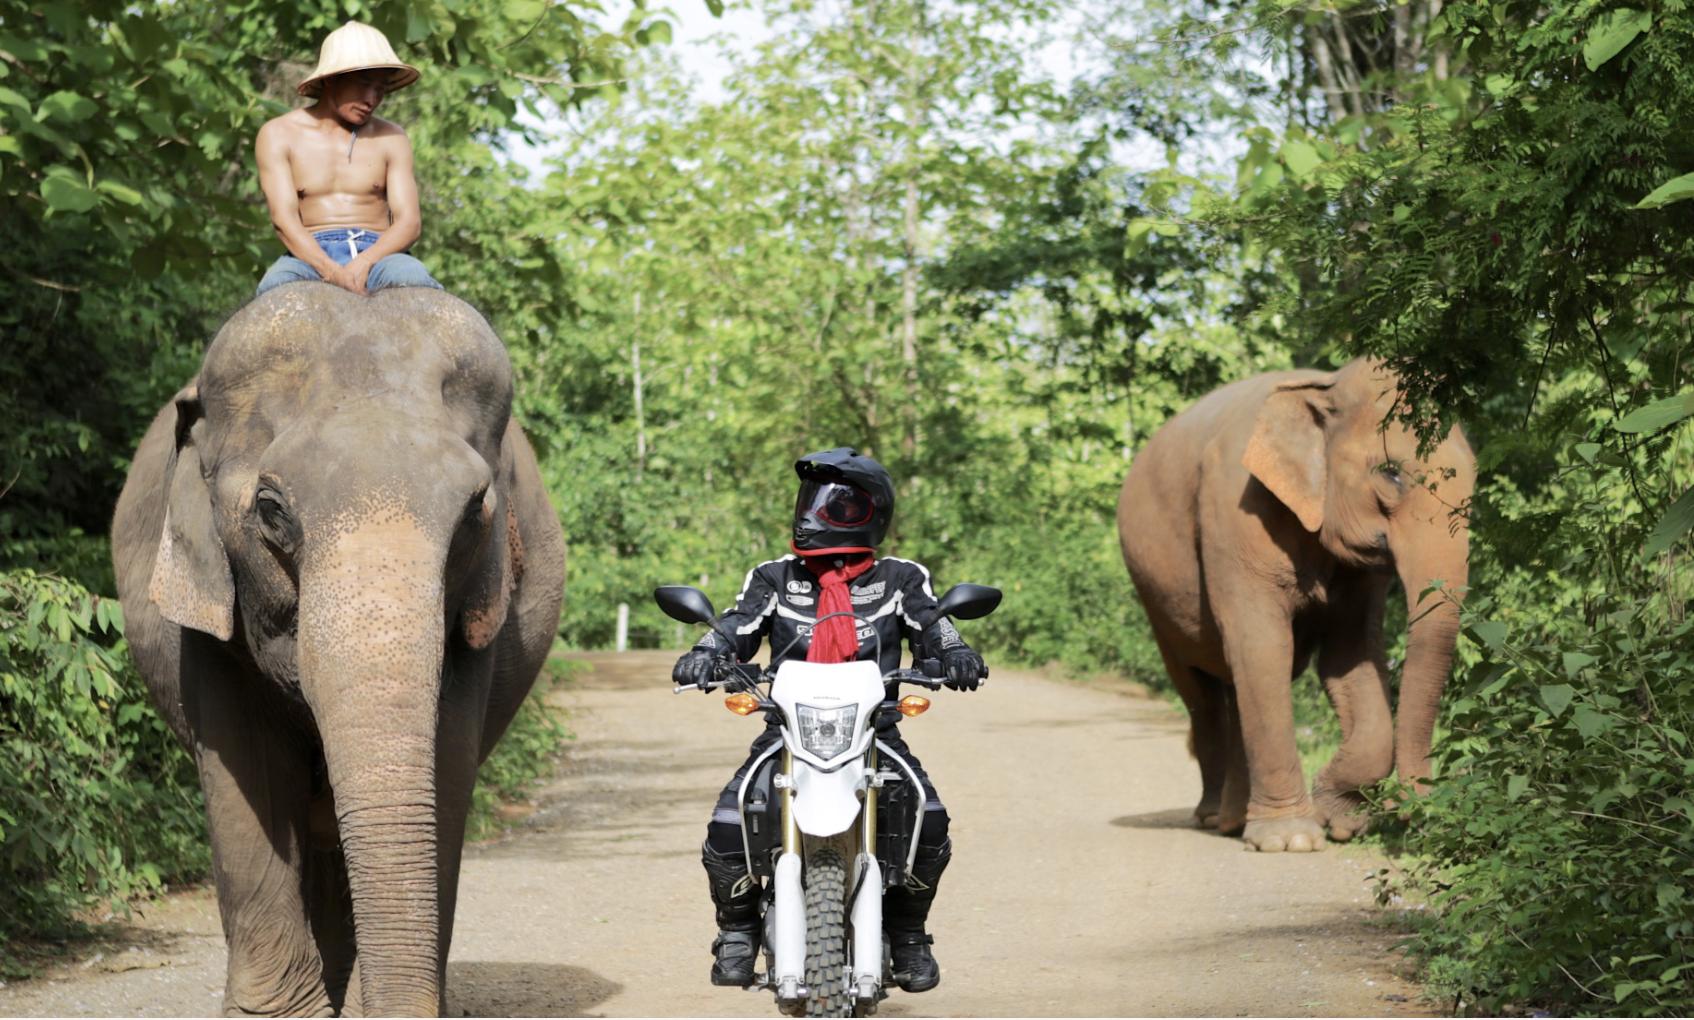 Motolao - The Grey Elephant 5 Day Tour